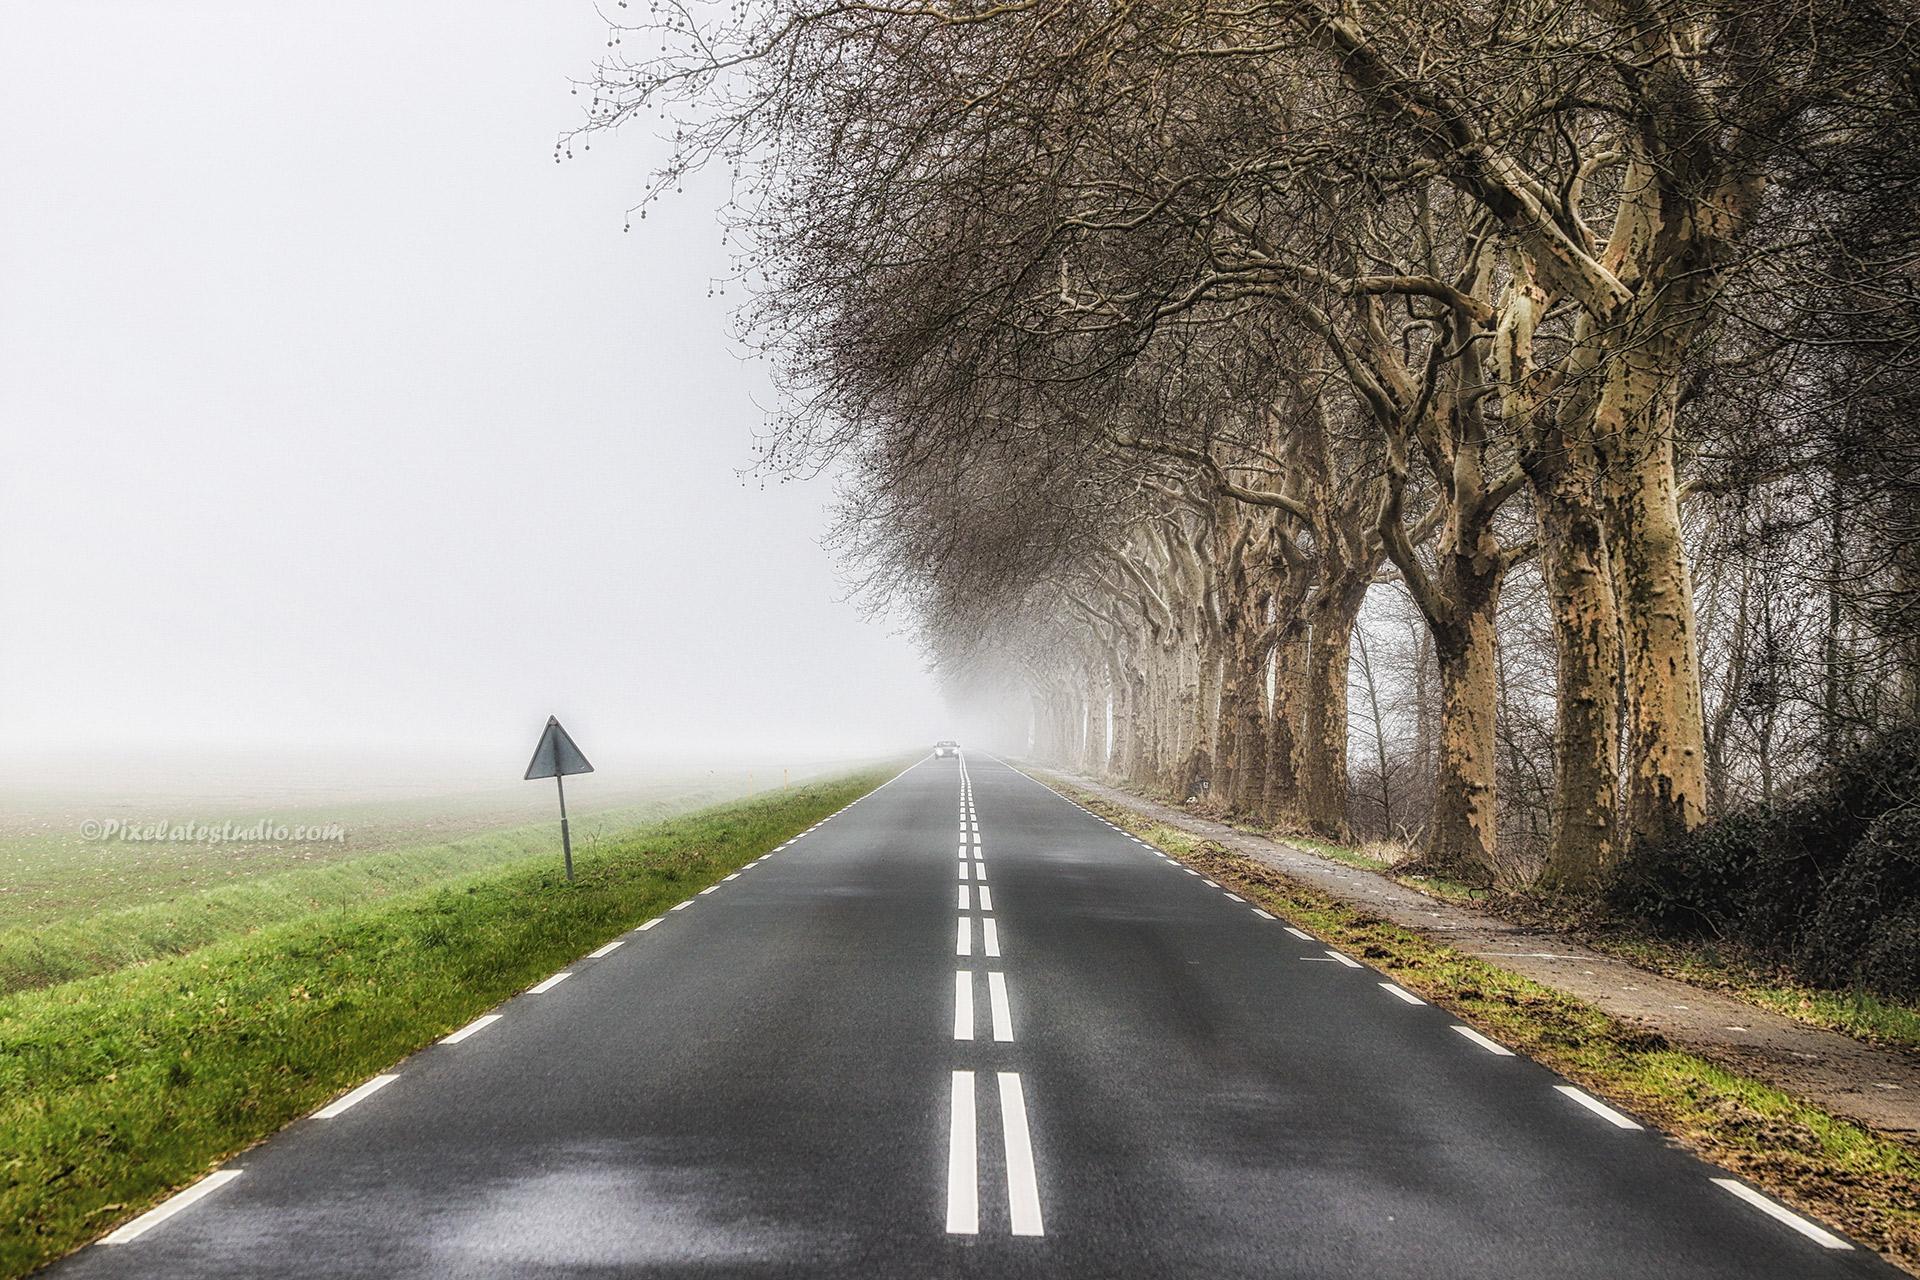 mooi bewerkte foto, van een eindeloze weg in de mist